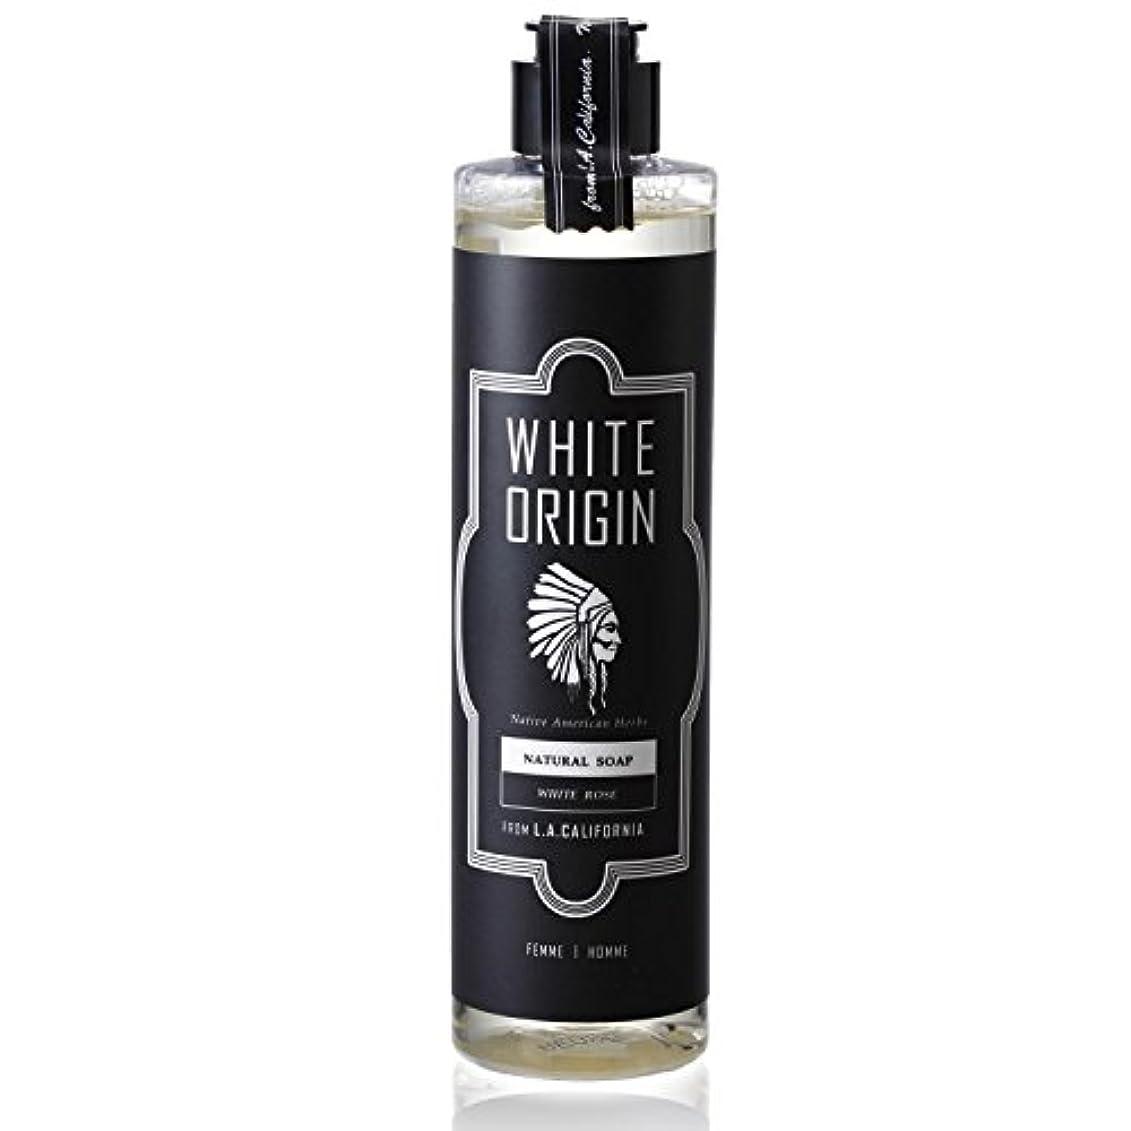 パン噴出する葡萄WHITE ORIGIN ボディソープ 300ml 加齢臭 ケア オーガニック ナチュラル 男前 乾燥 ホワイトローズ